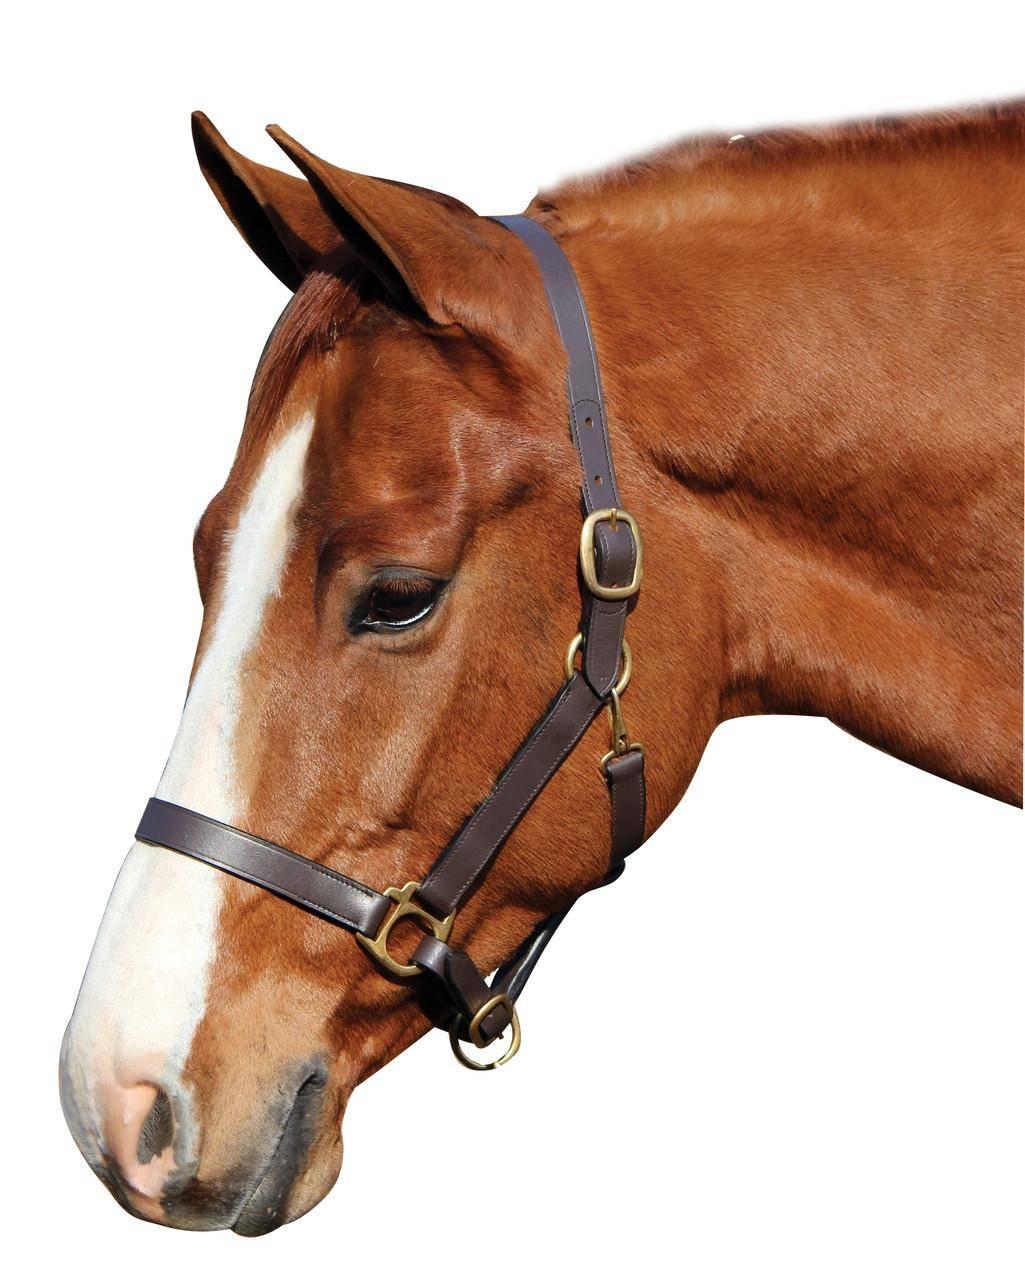 Недоуздок для лошадей: изготовление, меры предосторожности, фото